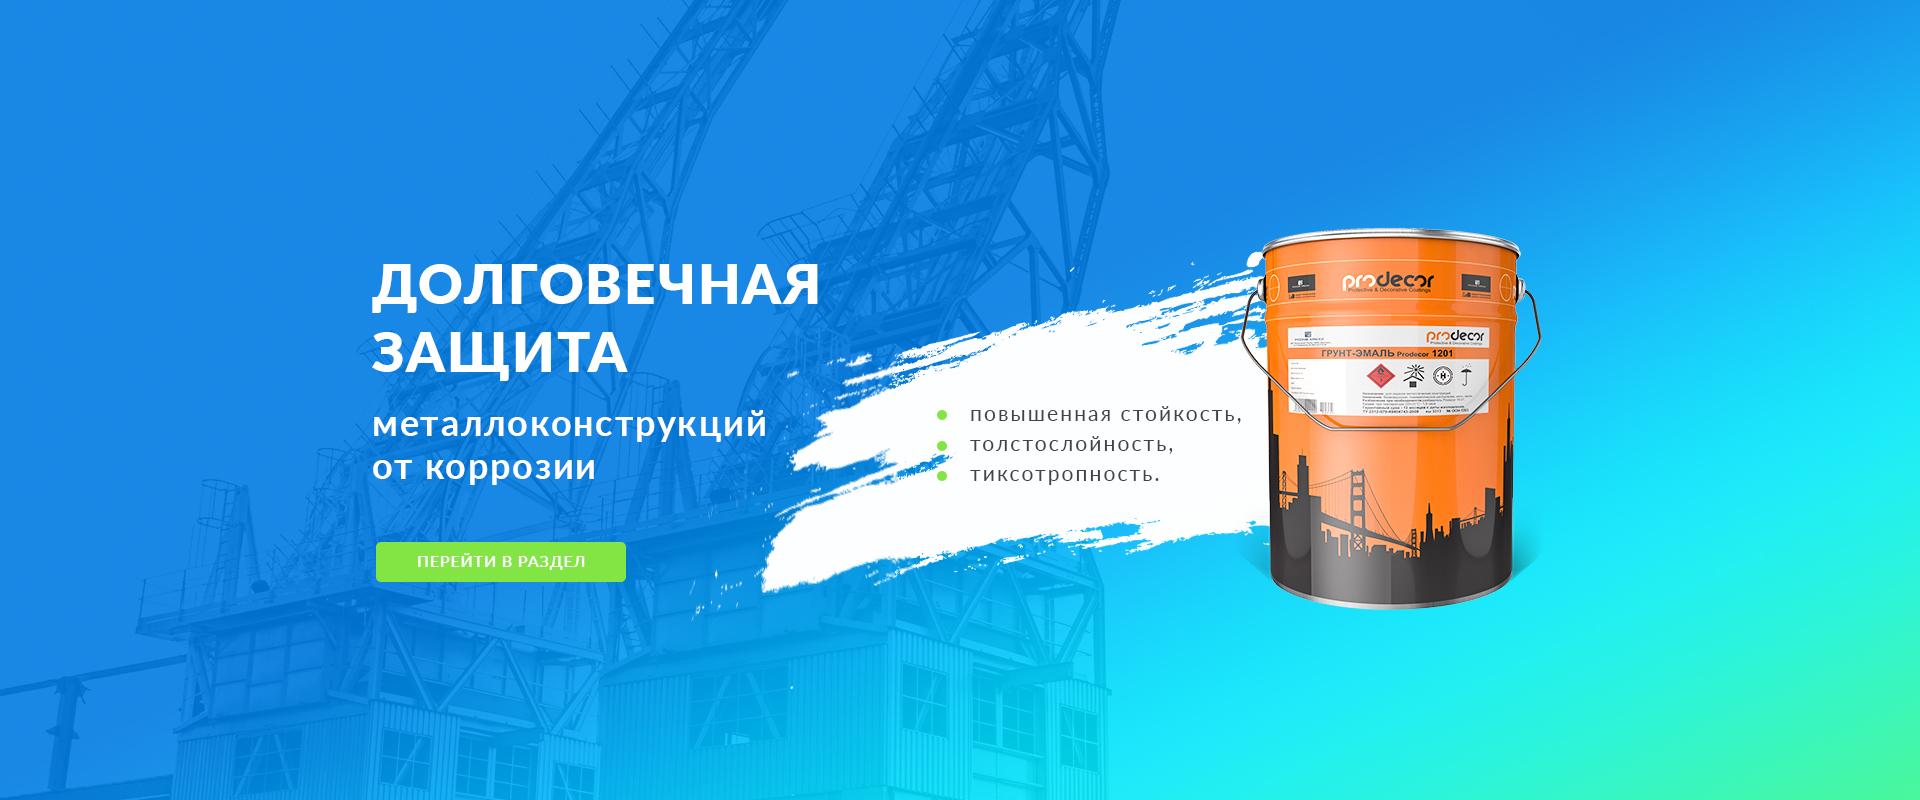 Долговечная защита металлоконструкций